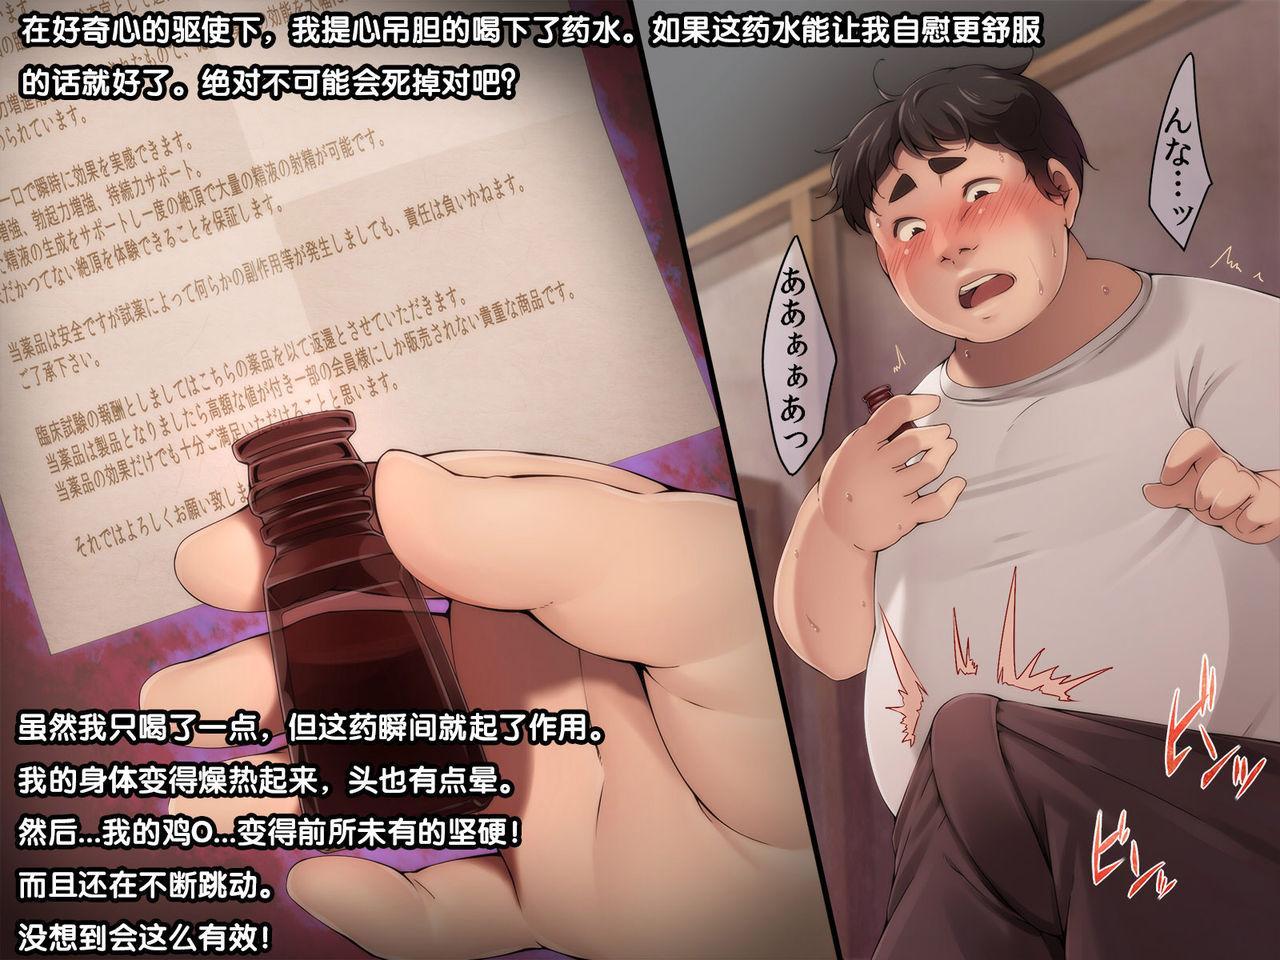 Seiryokuzai de Seiyoku Bouhatsu! Tairyou Tanetsuke de Shota Kyoudai Kyousei Harabote! 3